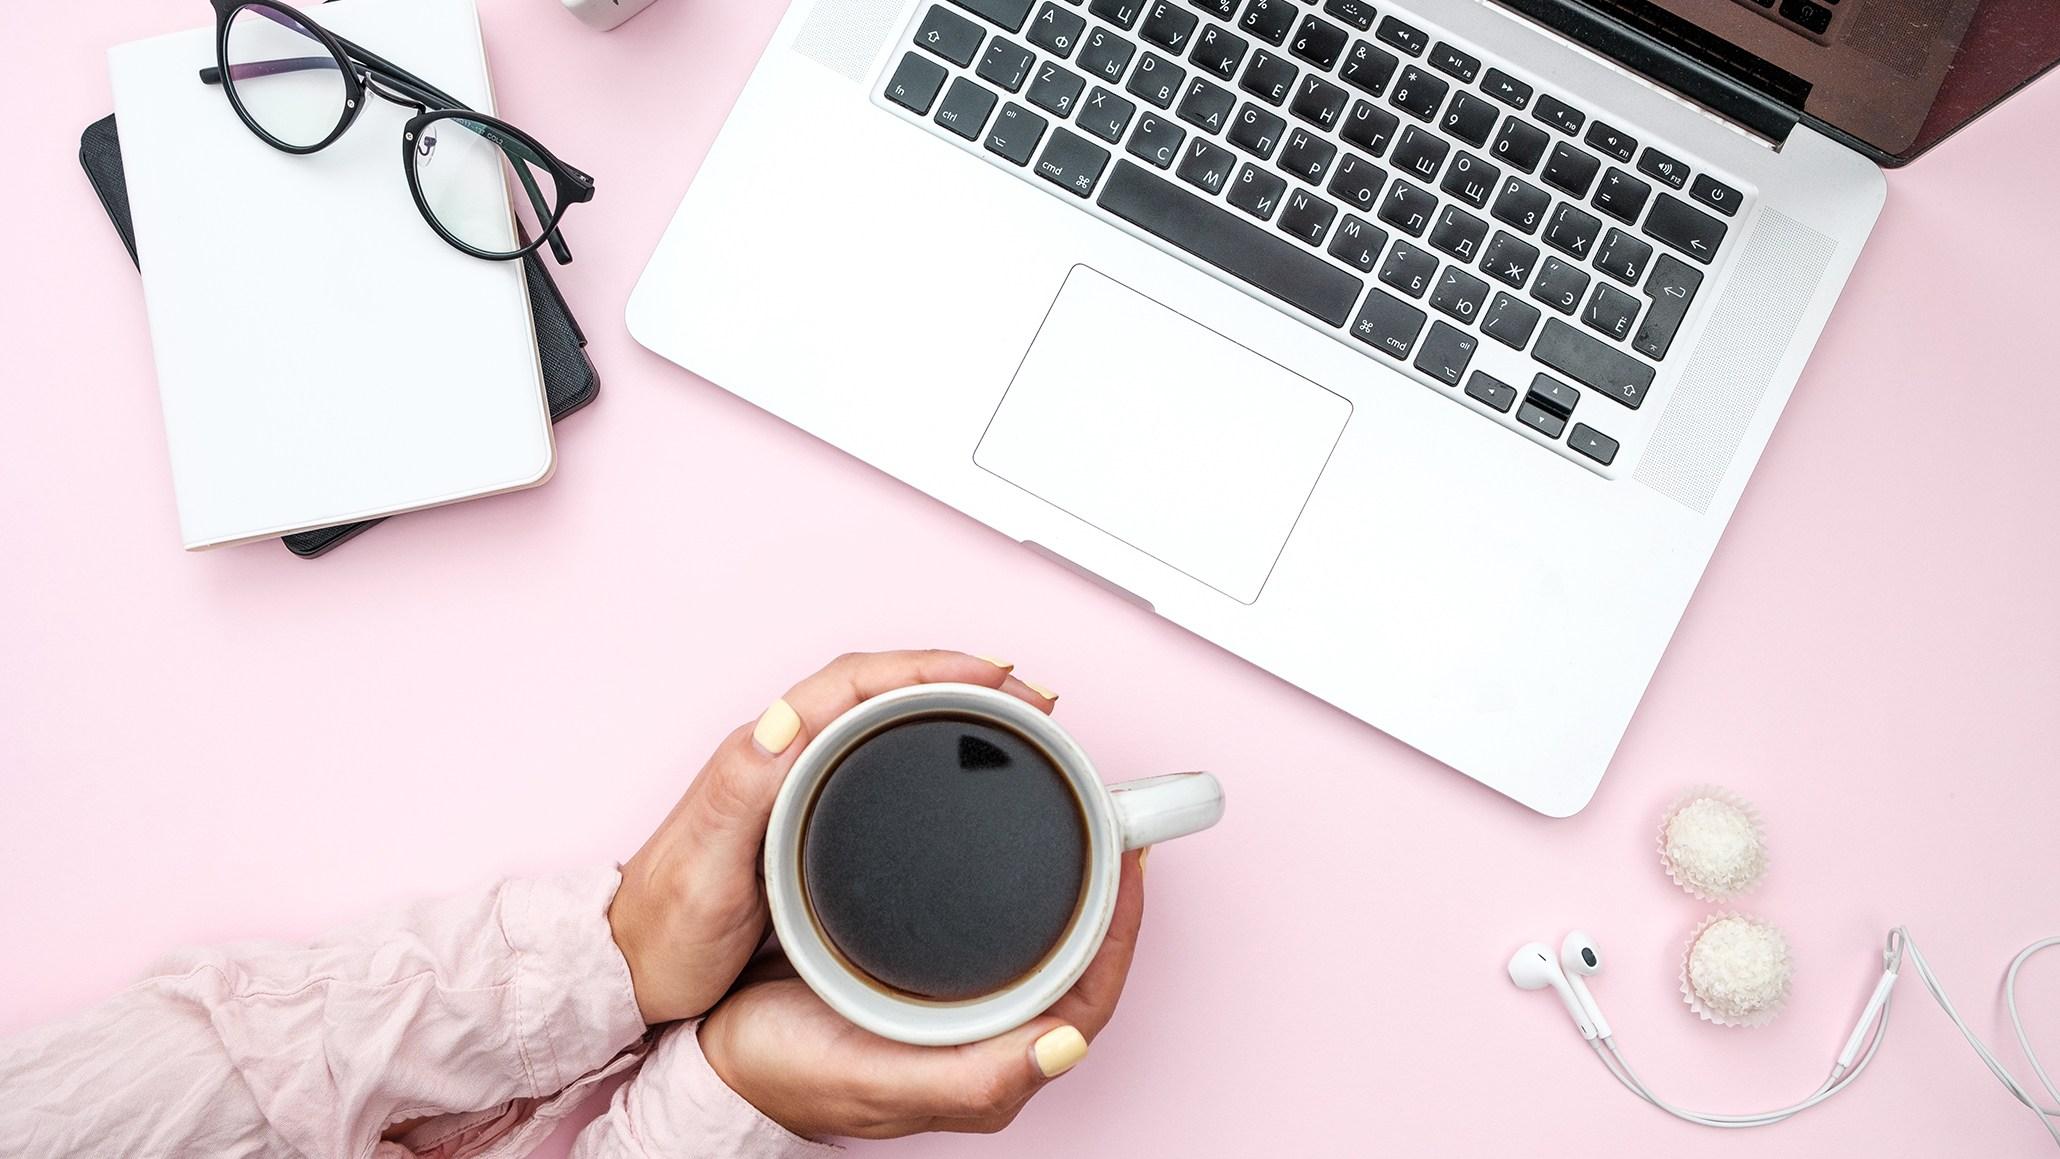 Bangun Bisnismu Yuk! - Part 2